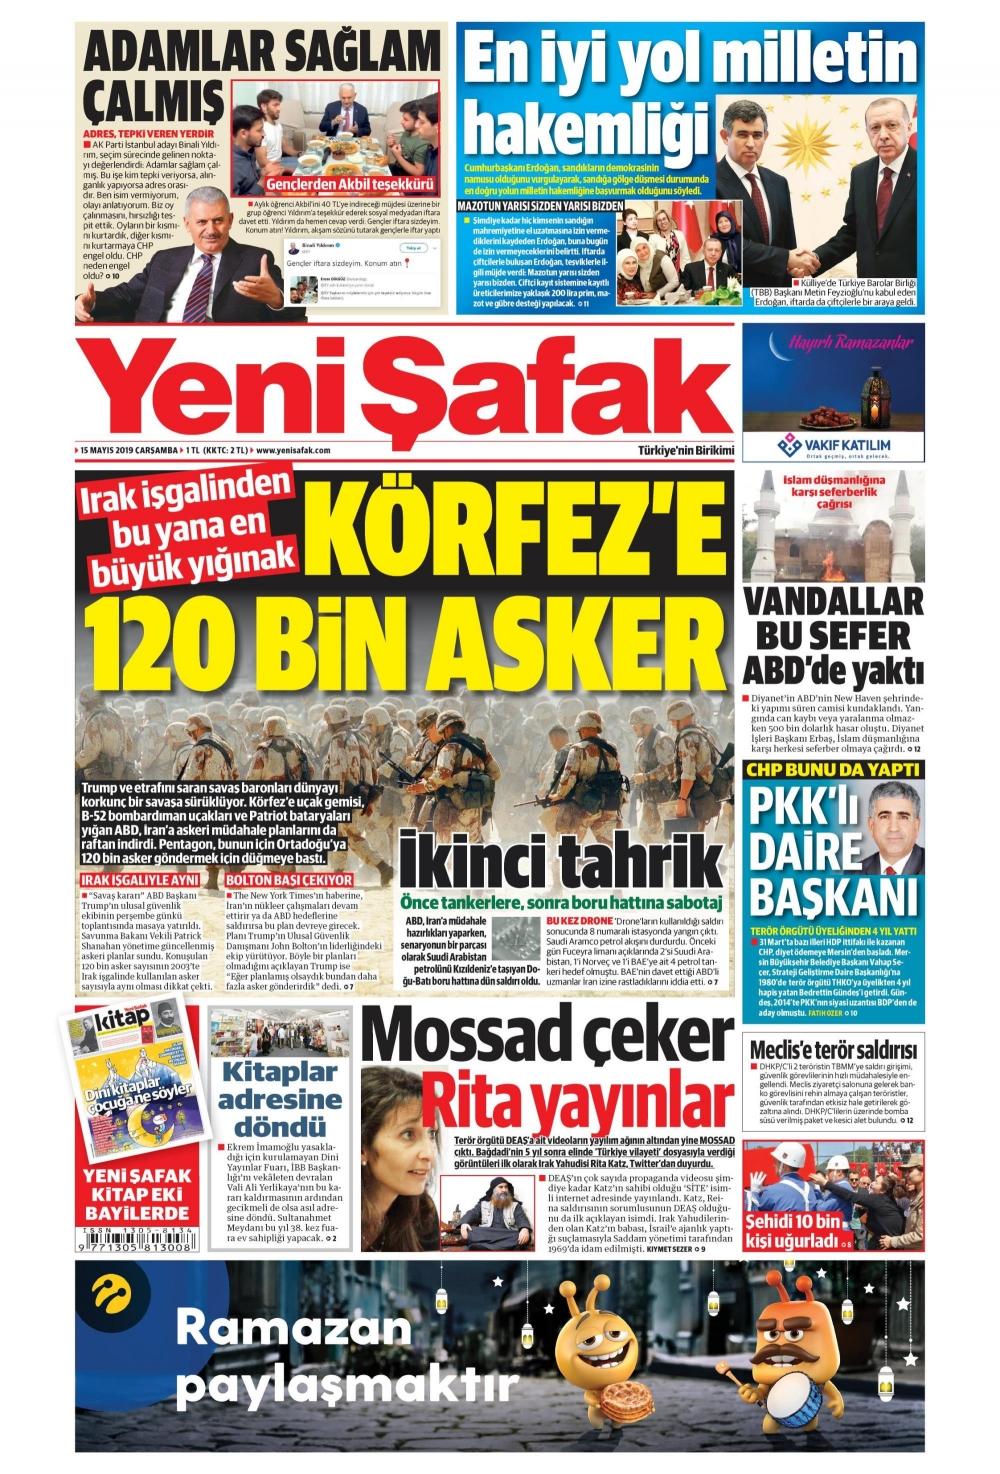 Günün gazete manşetleri (15.05.2019) 1